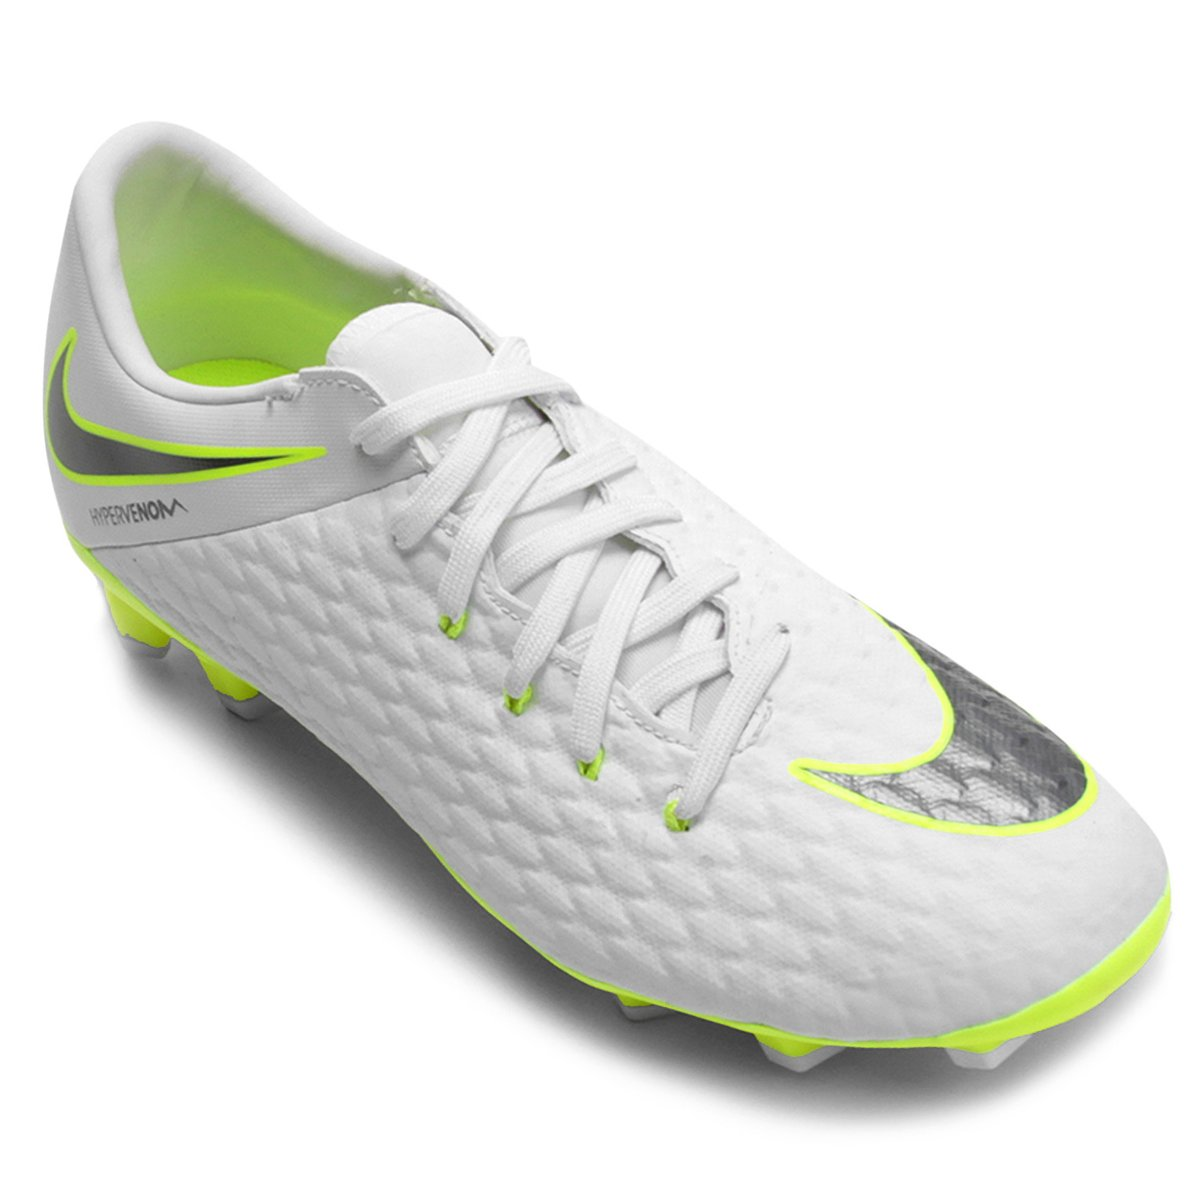 3ae572bf7a792 Chuteira Campo Nike Hypervenom Phantom 3 Academy FG - Branco e Cinza | Loja  do Inter